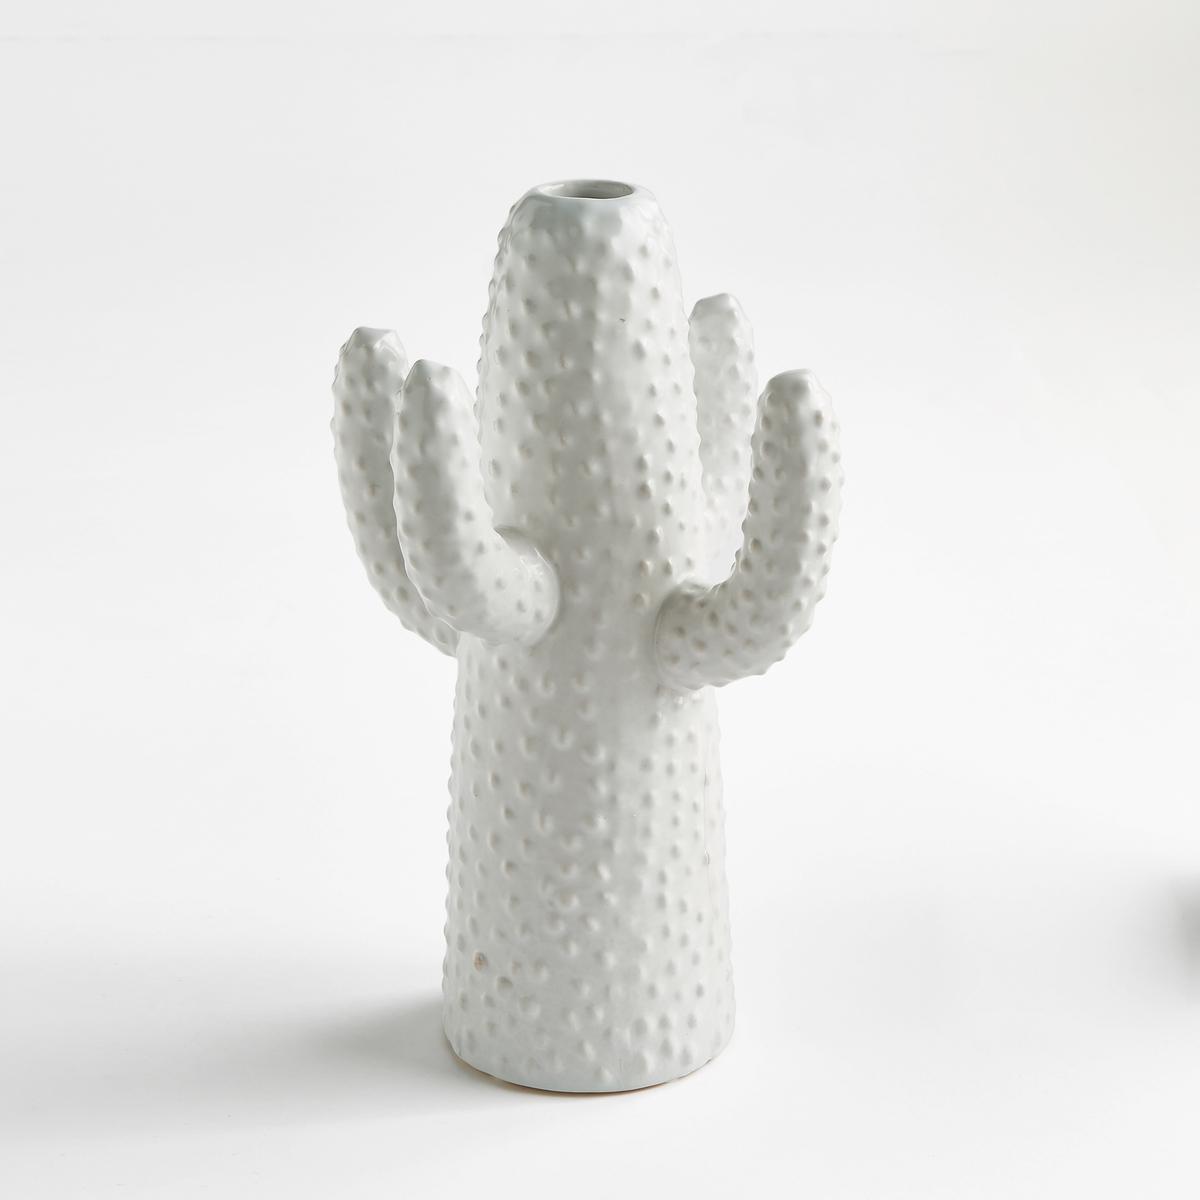 Ваза Cactus, высота 29 см, дизайн М. Михельссен для Serax